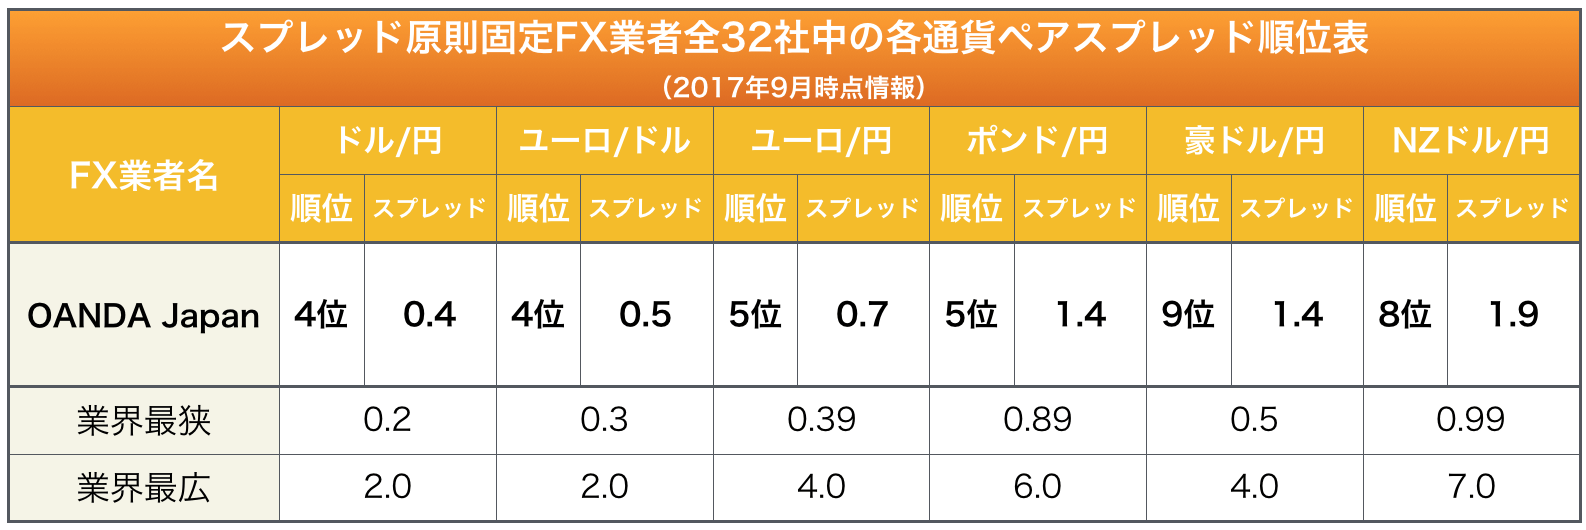 OANDA Japanの主要通貨ペアに於けるスプレッド